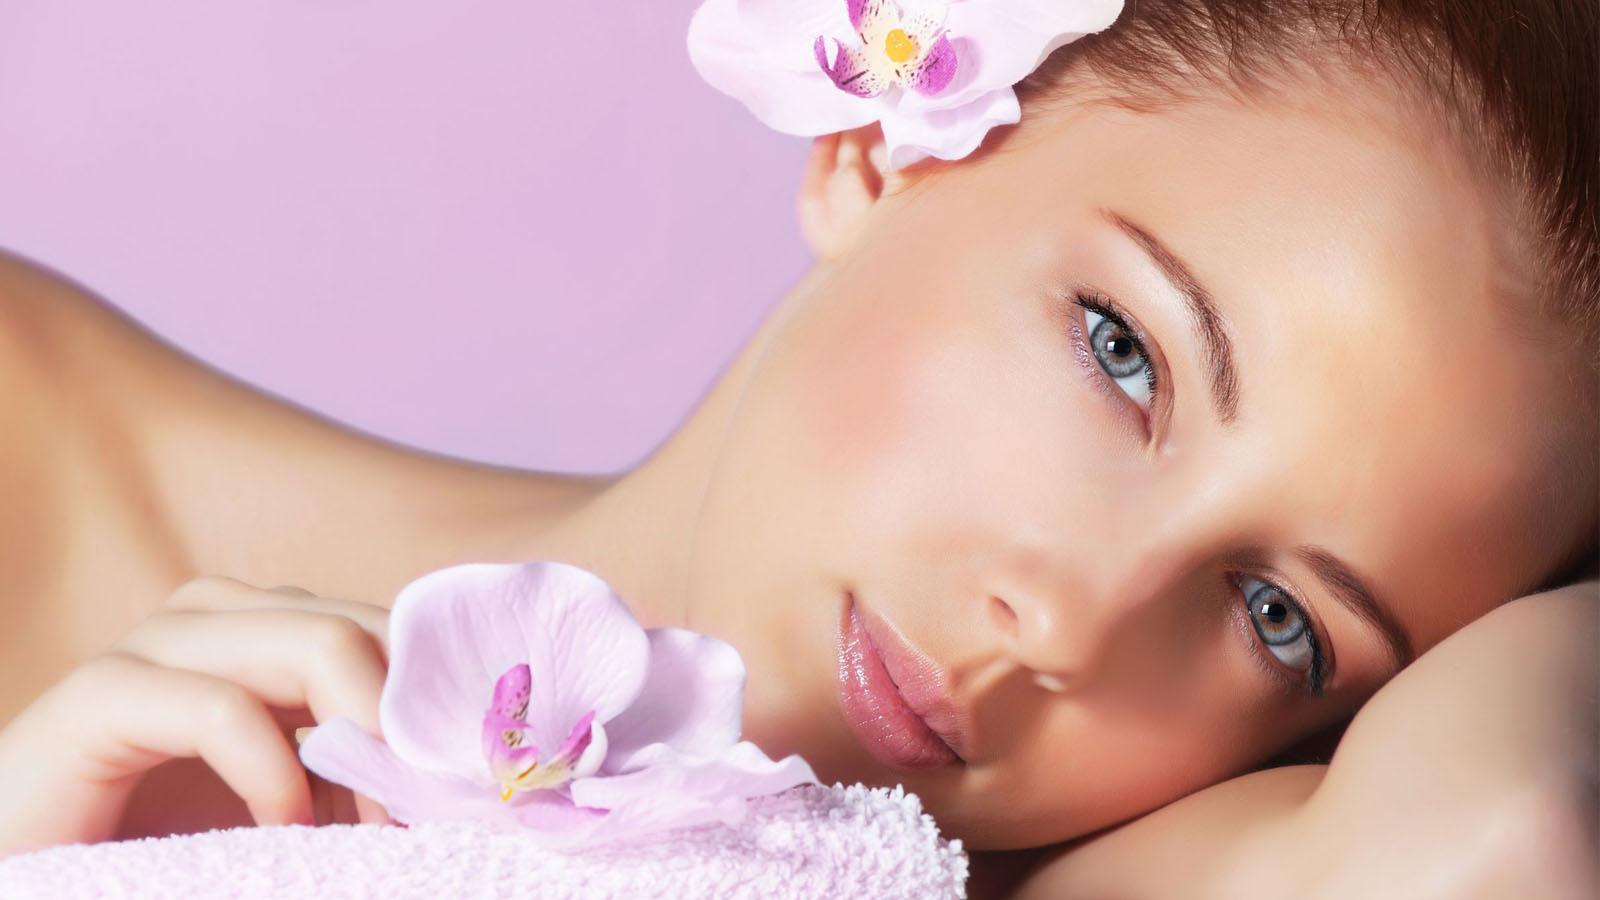 kozmetika elizabeth beauty szalon